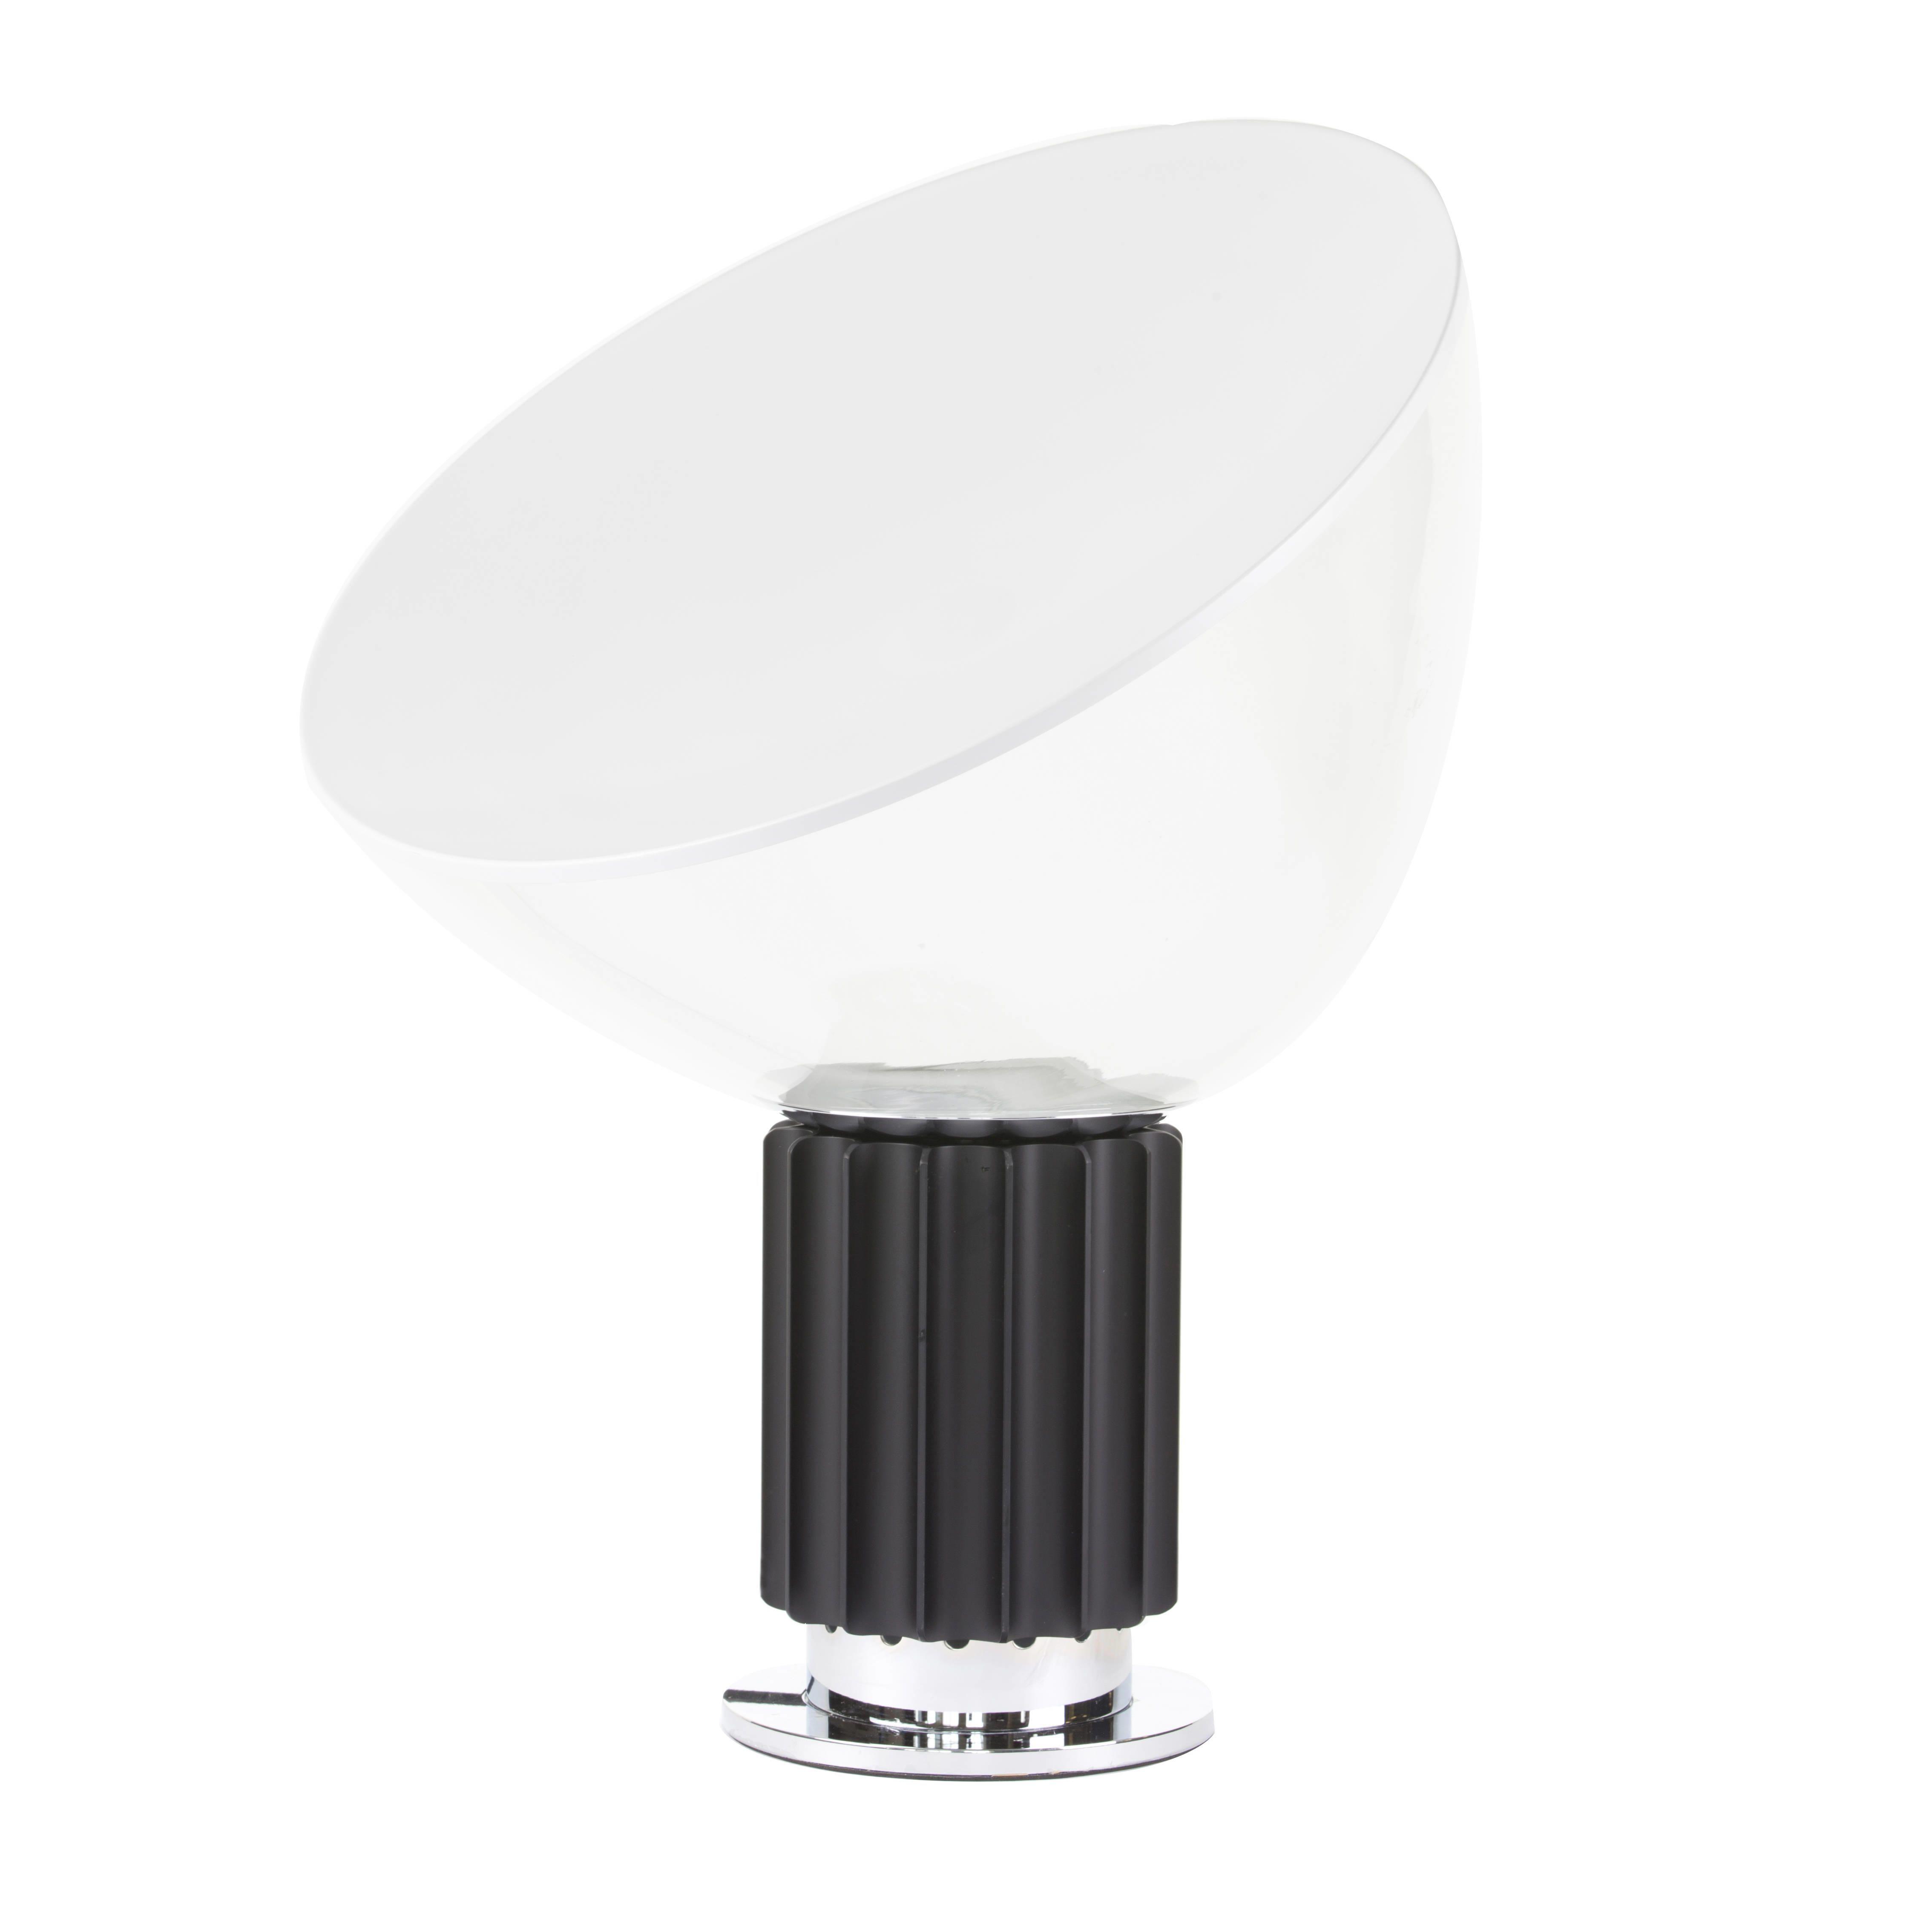 Replica Circa 1962 Black Table Lamp